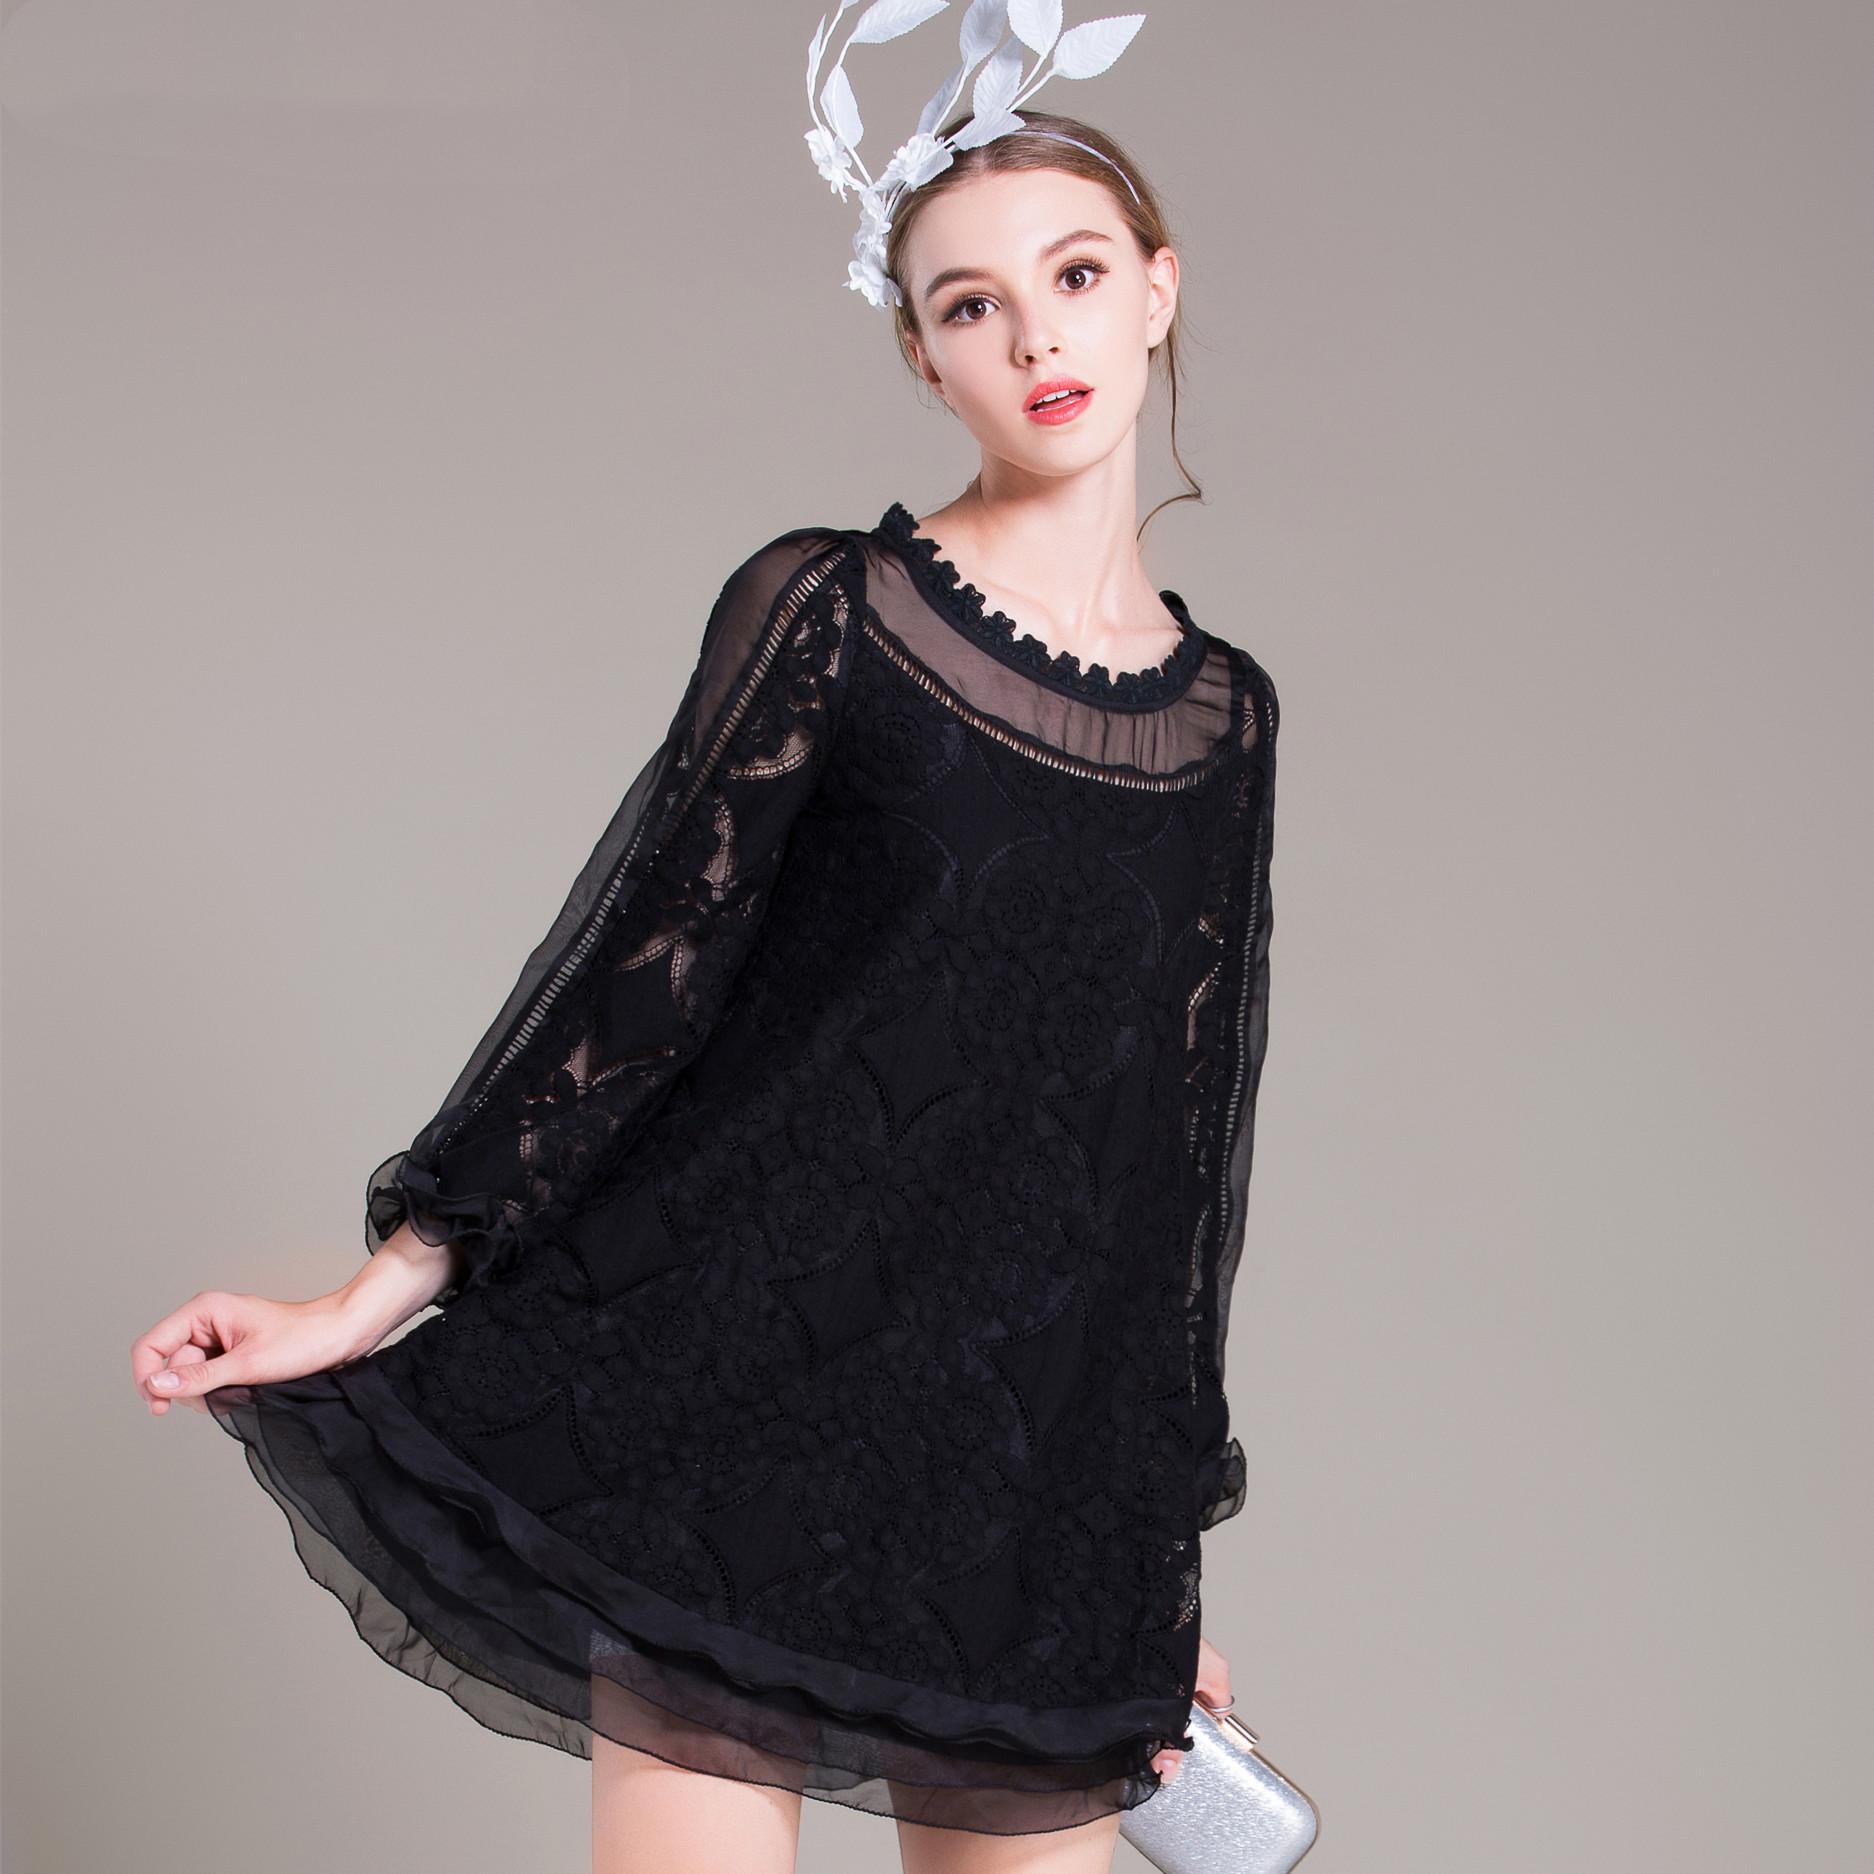 蕾丝连衣裙新款 2021春夏新款高端原创名媛显瘦长袖圆领大码女装蕾丝连衣裙91890_推荐淘宝好看的蕾丝连衣裙新款